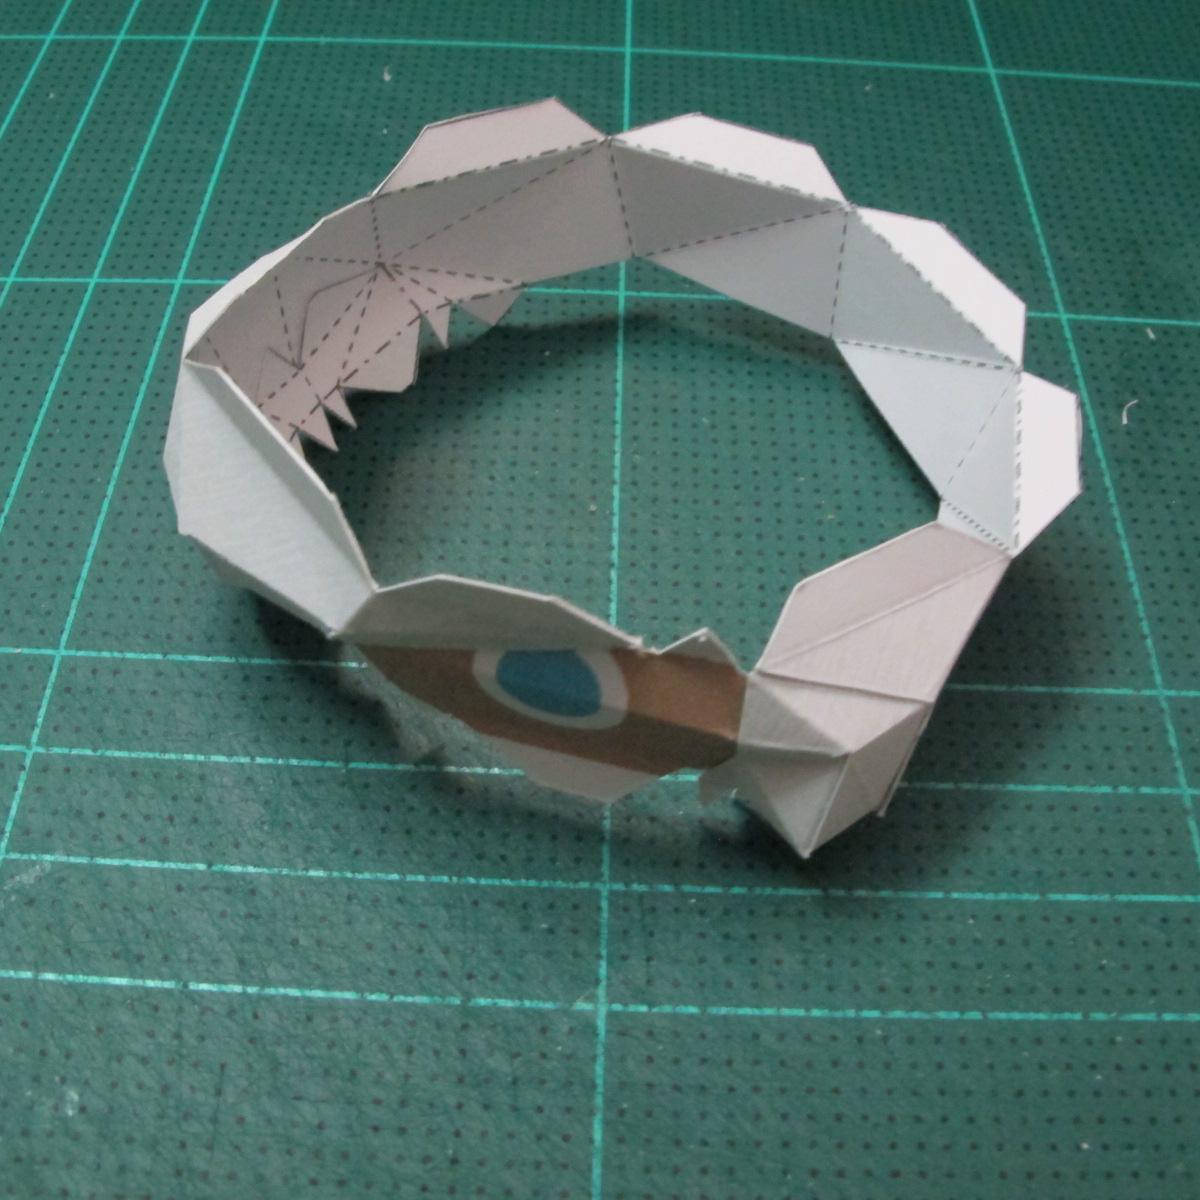 วิธีทำโมเดลกระดาษของเล่นคุกกี้รัน คุกกี้รสพ่อมด (Cookie Run Wizard Cookie Papercraft Model) 007